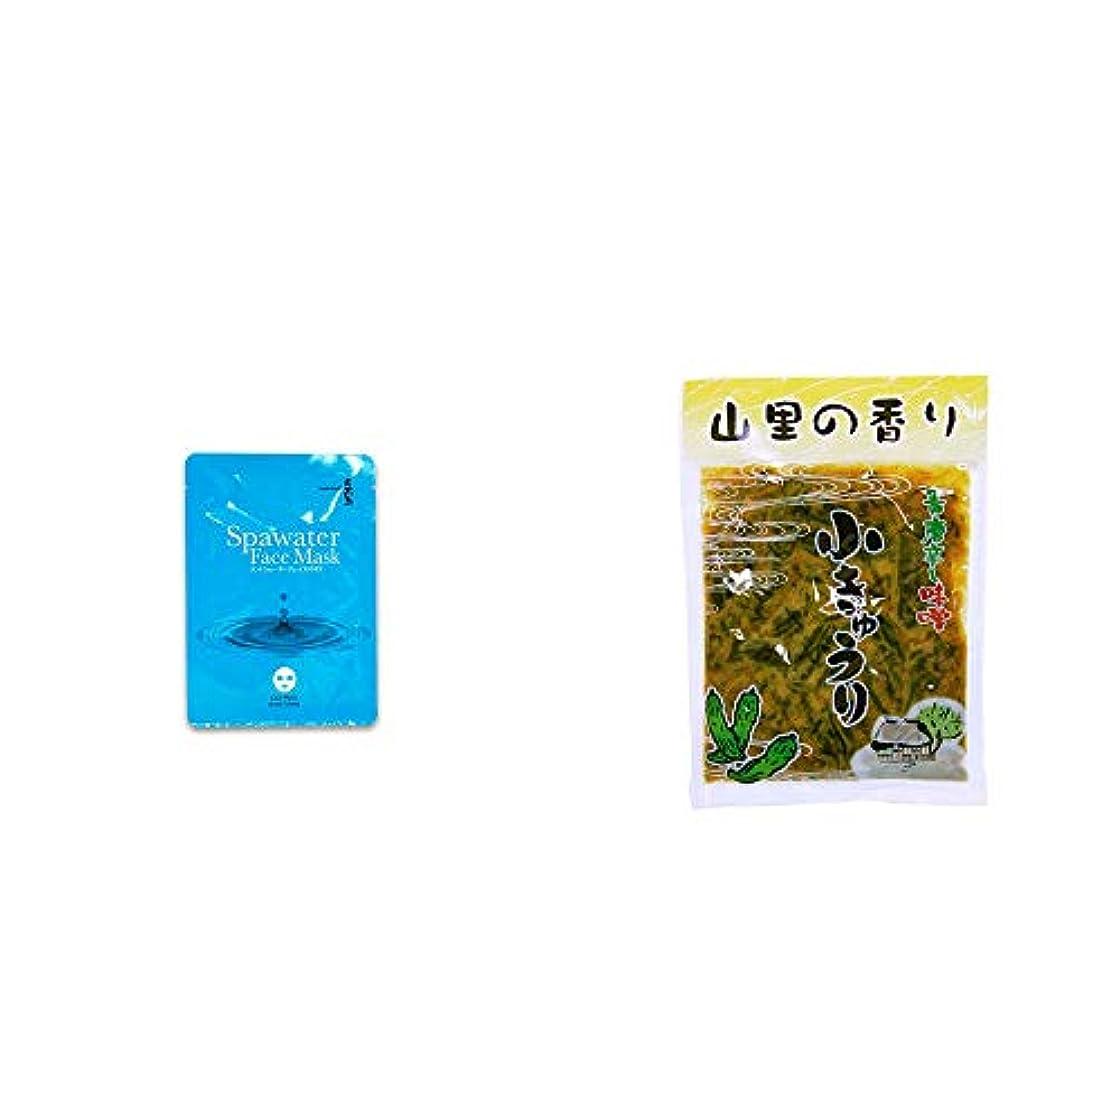 フェミニンロック簡潔な[2点セット] ひのき炭黒泉 スパウォーターフェイスマスク(18ml×3枚入)?山里の香り 青唐辛し味噌 小きゅうり(250g)